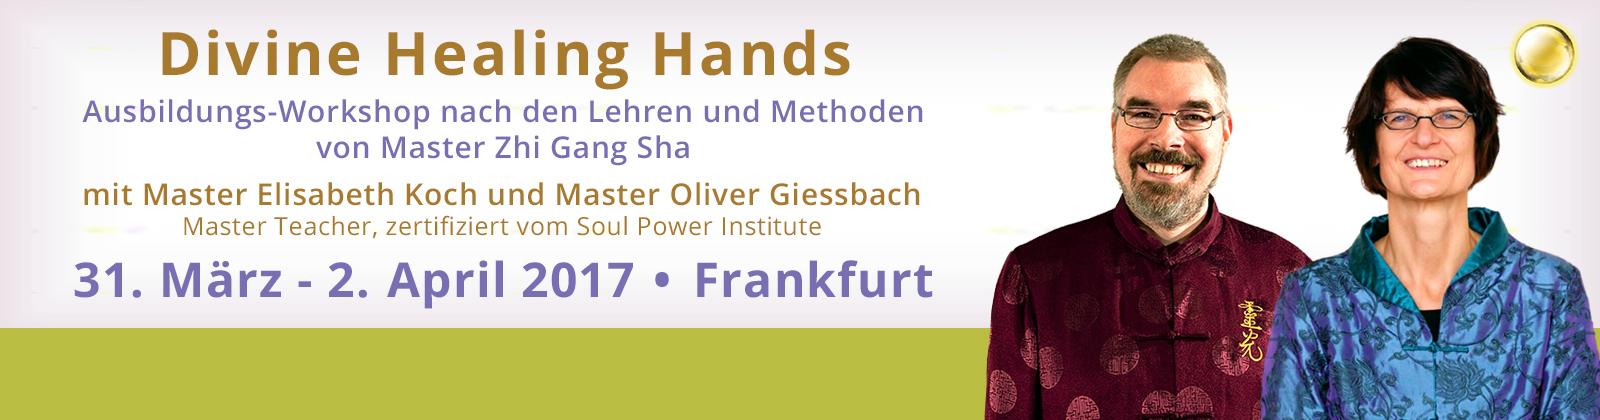 Divine Healing Hands Soul Healer Ausbildung